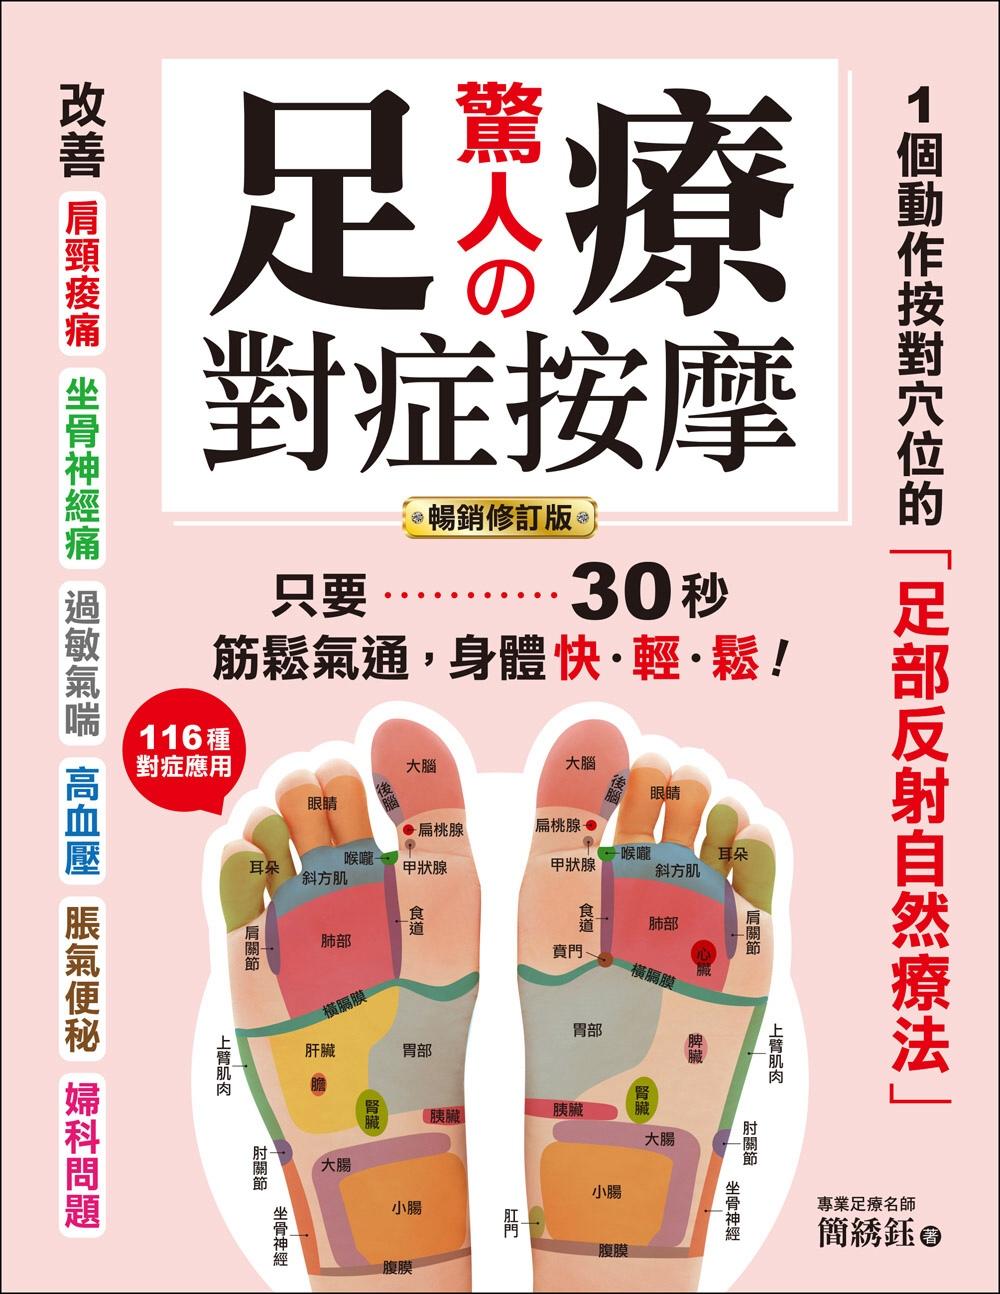 驚人的足療對症按摩:1個動作按對穴位的「足部反射自然療法」,只要30秒,筋鬆氣通,身體快.輕.鬆!【暢銷修訂版】